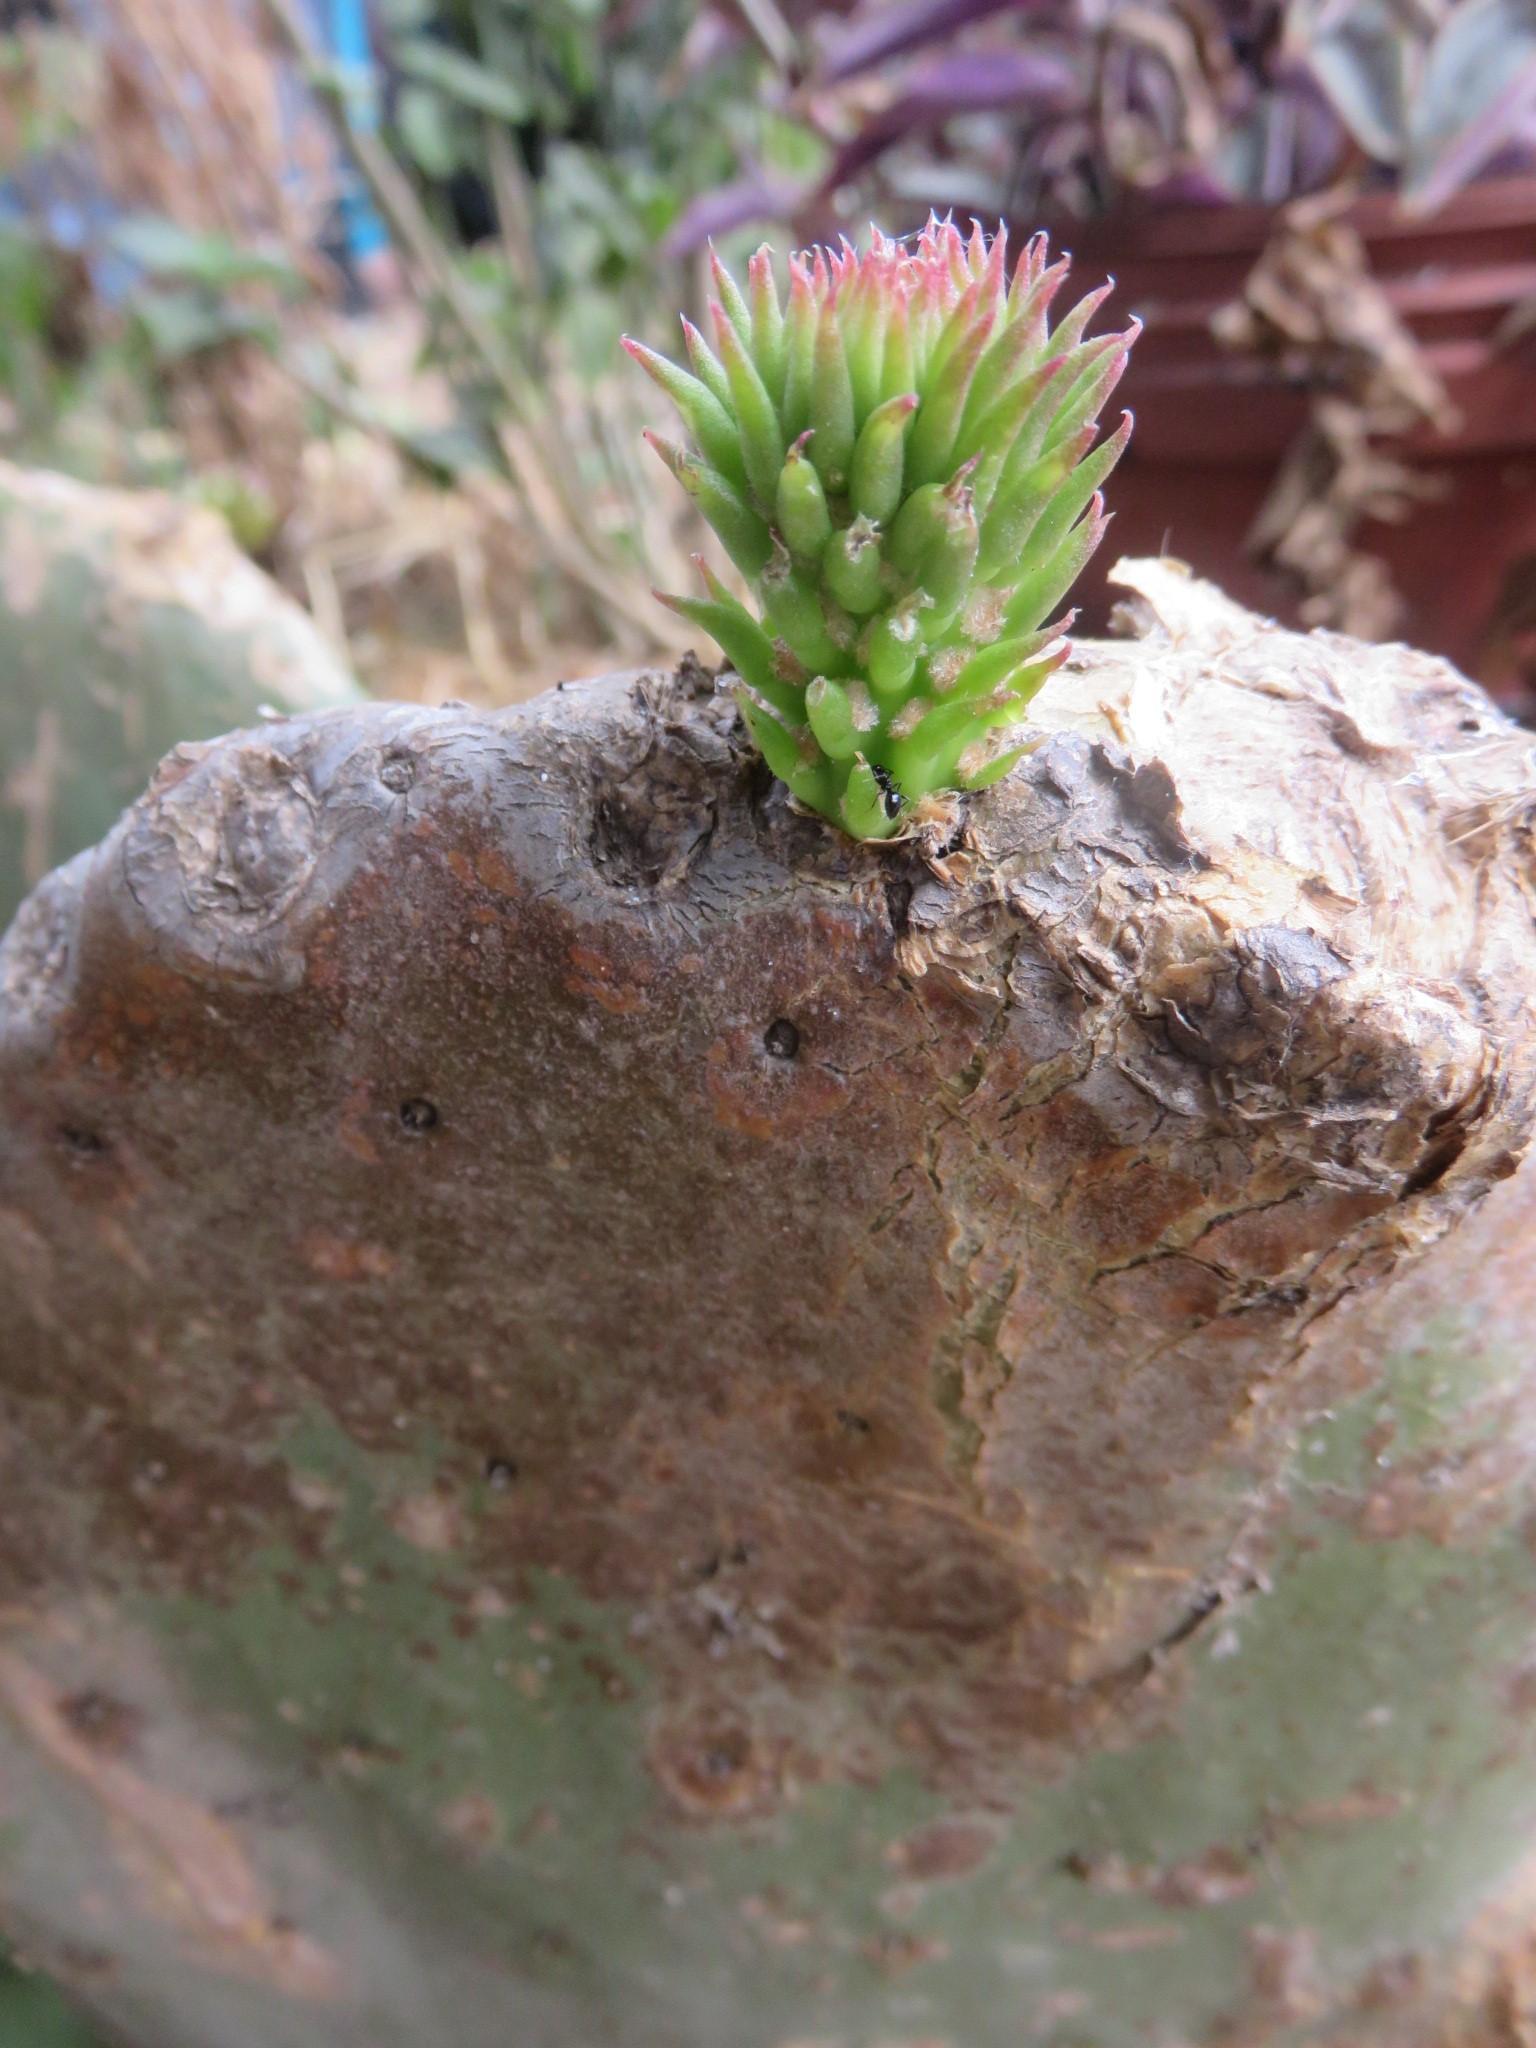 a spiky flower like nopal bud